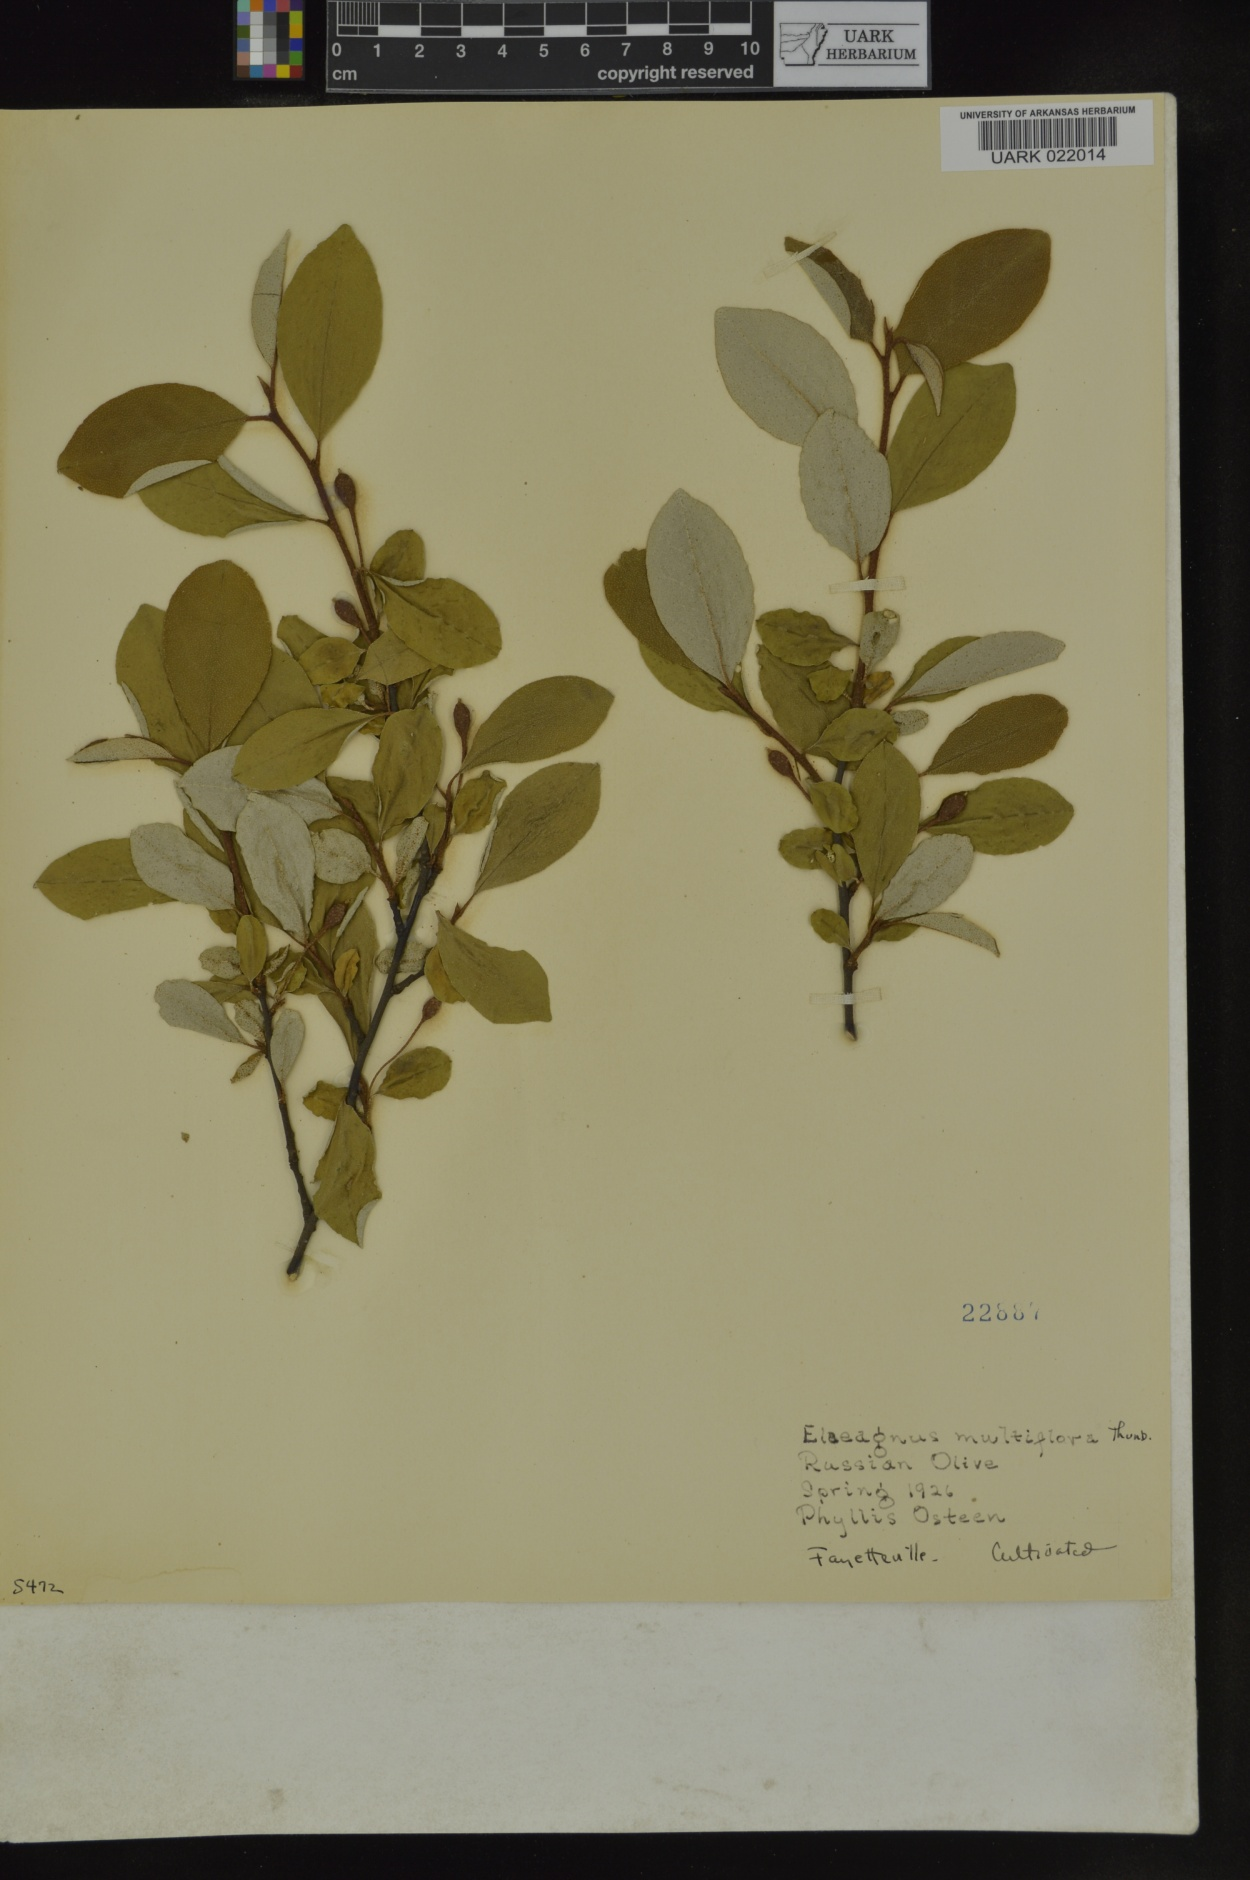 Elaeagnus multiflora image